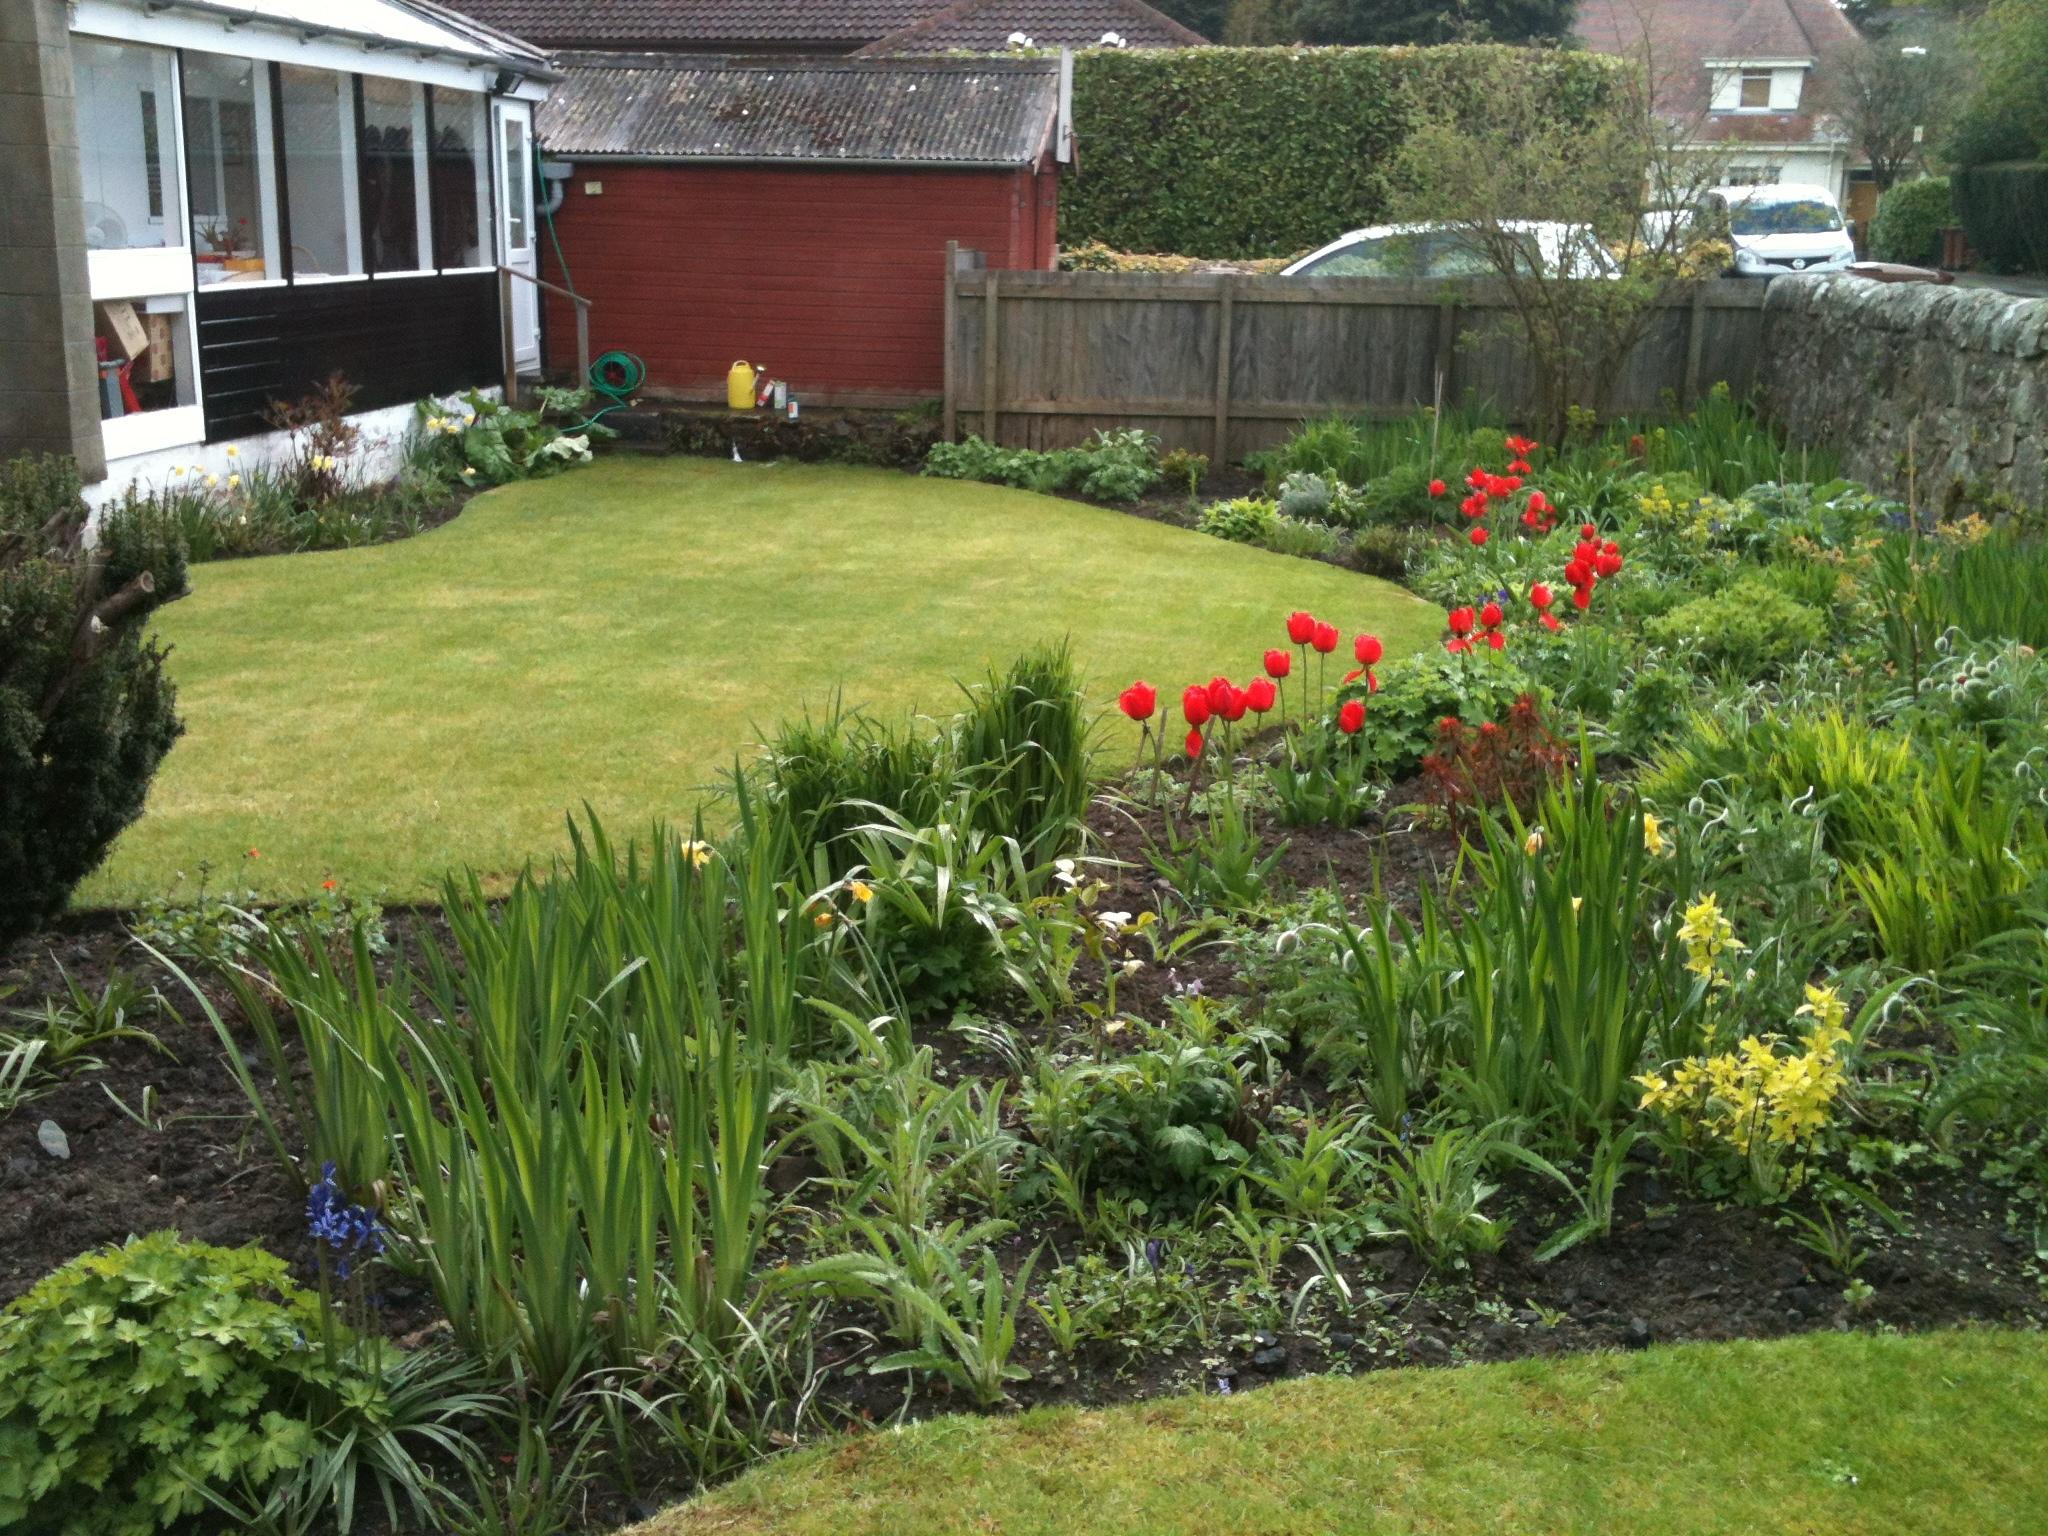 jcgardendesign: Garden Design Edinburgh